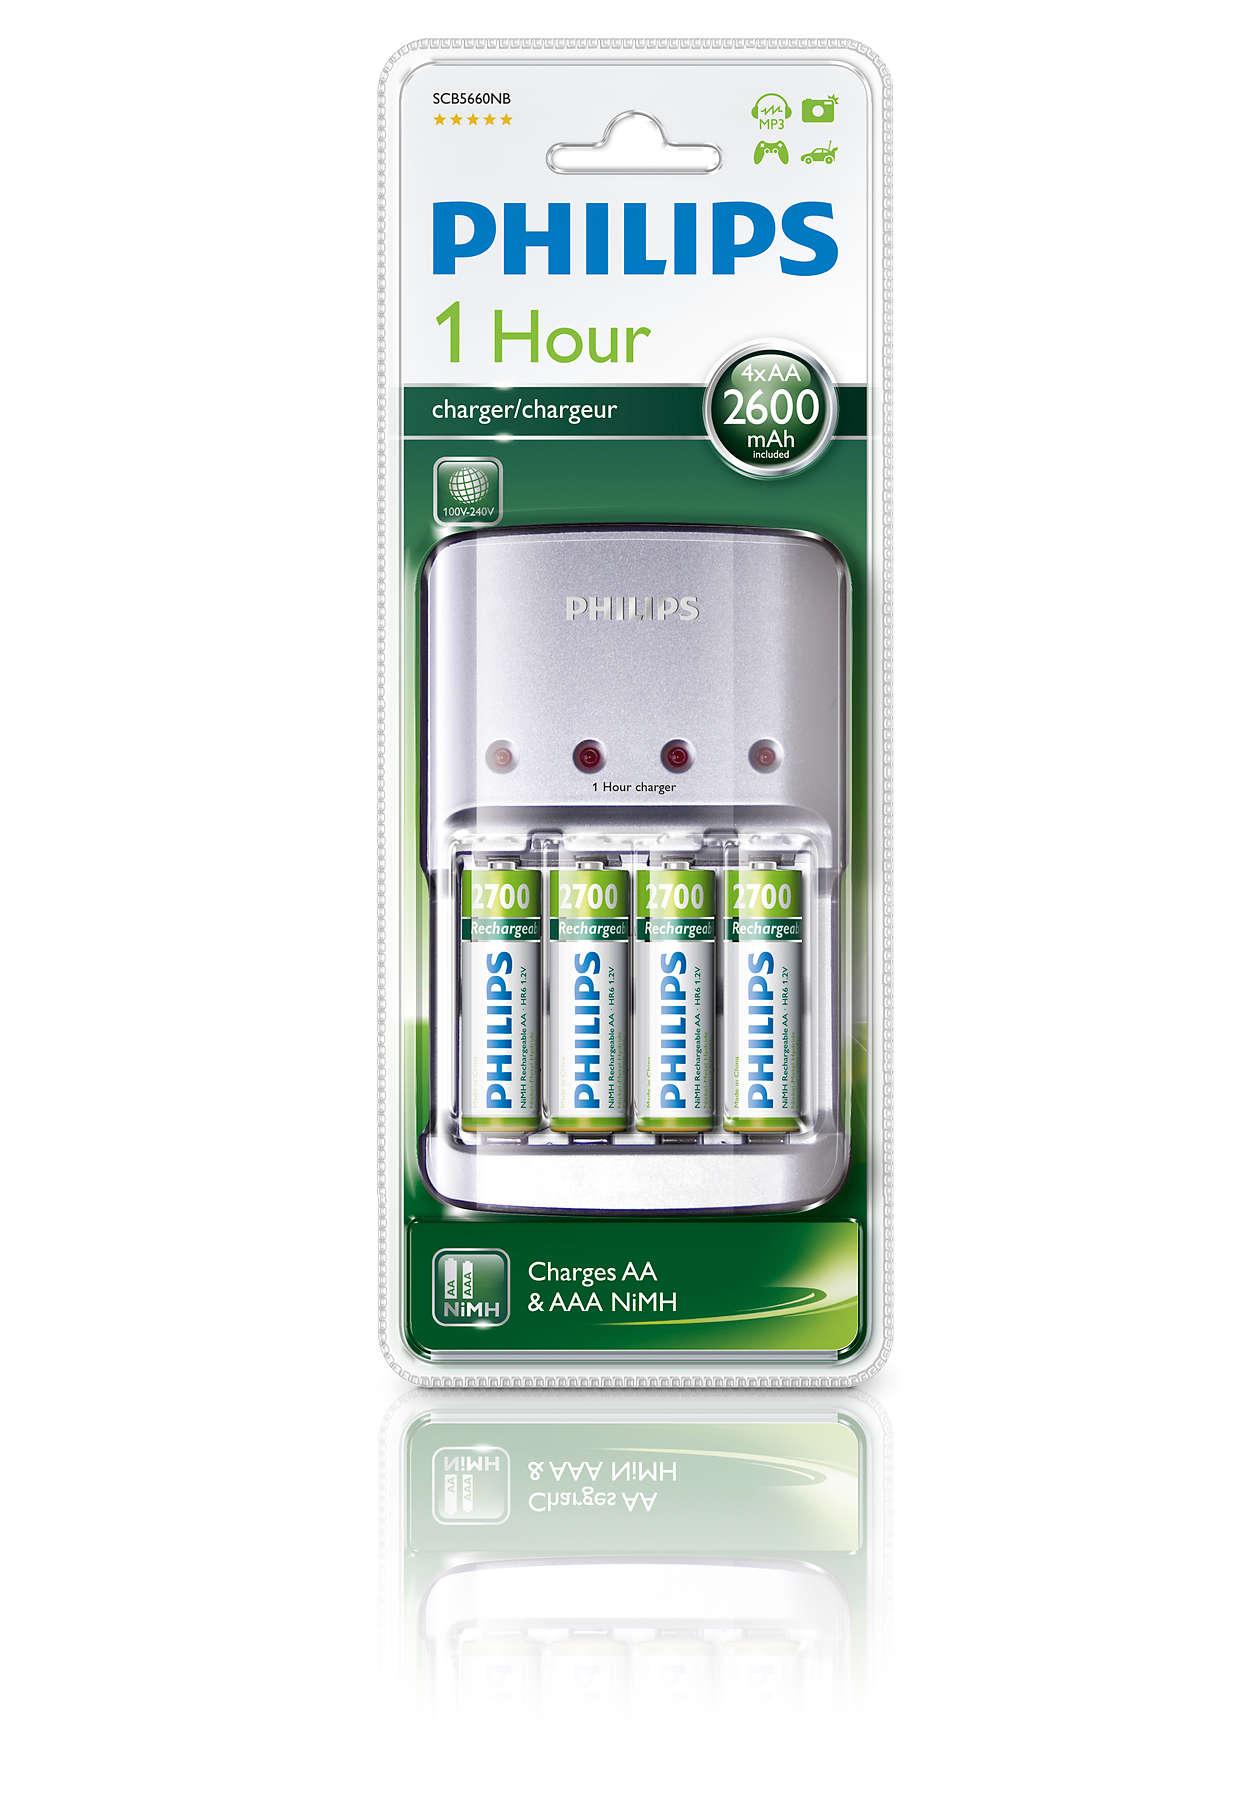 Pełne naładowanie od 2 do 4 akumulatorów AA/AAA w godzinę